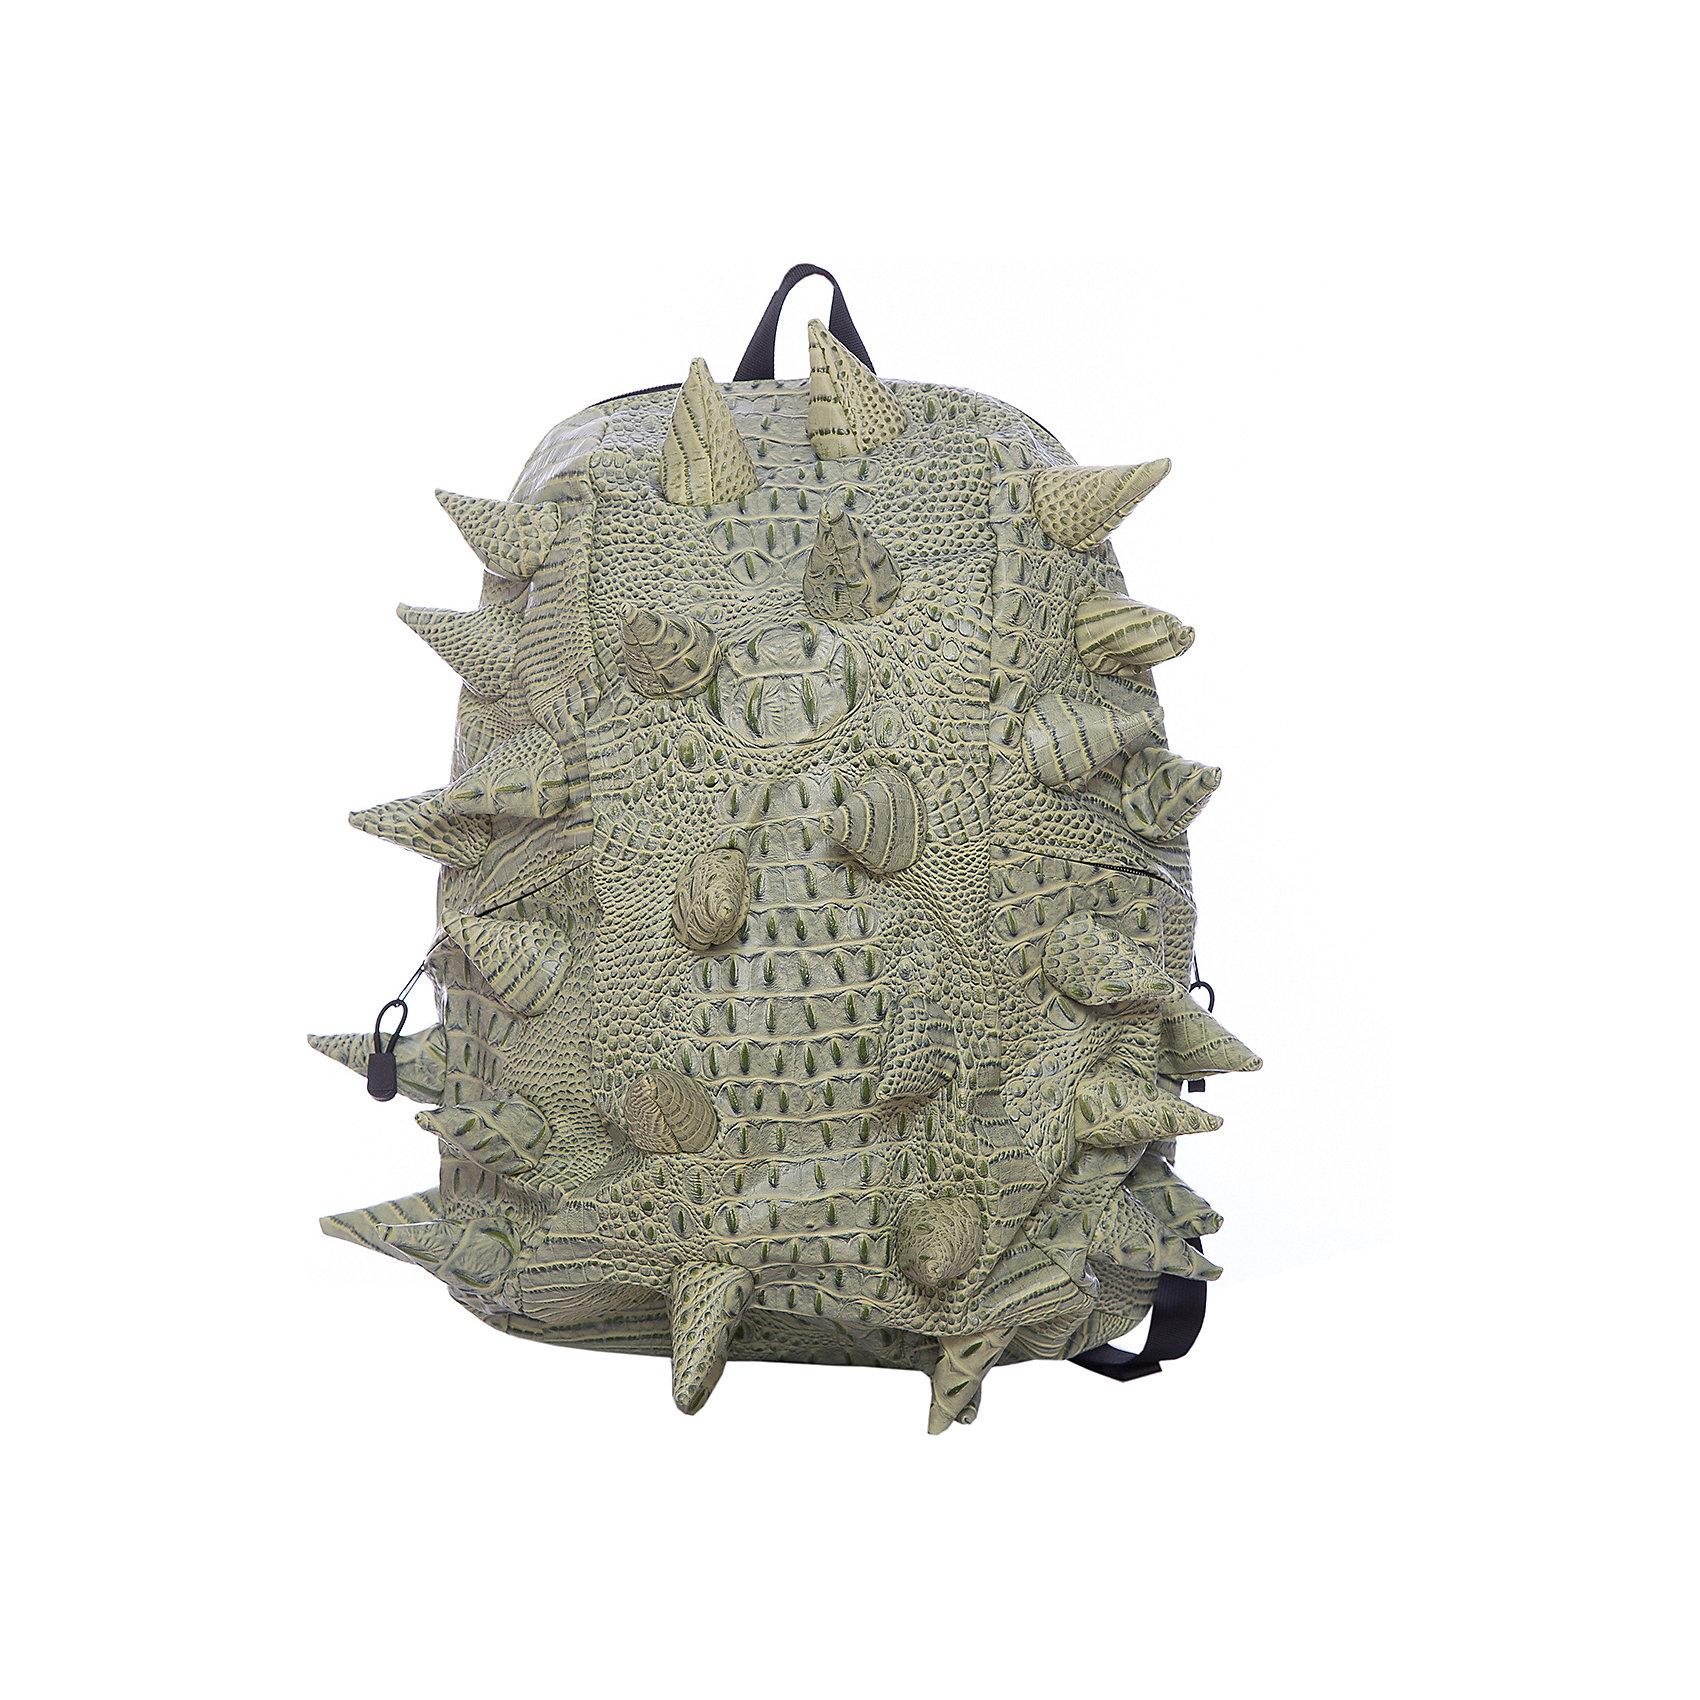 Рюкзак Gator Full, цвет Snap Dragon (зеленый)Рюкзаки<br>Характеристики товара:<br><br>• цвет: Snap Dragon (зеленый);<br>• возраст: от 5 лет;<br>• вес: 0,8 кг;<br>• размер: 46х35х20 см;<br>• особенности модели: с пузырями;<br>• большое отделение на молнии;<br>• дополнительный карман на задней стенке рюкзака;<br>• мягкие регулируемые лямки;<br>• ортопедическая спинка с вентиляцией;<br>• два дополнительных боковых кармана на молнии;<br>• материал: поливинил;<br>• страна бренда: США;<br>• страна изготовитель: Китай.<br><br>Удобный рюкзак для детей Madpax «Gator Full» непременно понравится детям. Малый вес рюкзака позволяет ребенку носить с собой все необходимое для учебы, при этом не перегружая позвоночник. Стильный шипованный дизайн с имитацией кожи рептилий выделяют рюкзак Мэдпакс Гатор Фулл среди аналогичных моделей. <br><br>Удобное расположение дополнительных кармашков позволяет ребенку с легкостью доставать необходимые ему вещи. Специальная спинка рюкзака Гатор Фулл обеспечивает постоянную вентиляцию спины. Мягкие ремни регулируются в зависимости от роста ребенка. Рюкзак «Gator Full» – это стильная и удобная модель, которая предназначена для ежедневного ношения. <br><br>Рюкзак Madpax «Gator Full» можно купить в нашем интернет-магазине.<br><br>Ширина мм: 460<br>Глубина мм: 350<br>Высота мм: 200<br>Вес г: 800<br>Возраст от месяцев: 60<br>Возраст до месяцев: 720<br>Пол: Унисекс<br>Возраст: Детский<br>SKU: 7054086